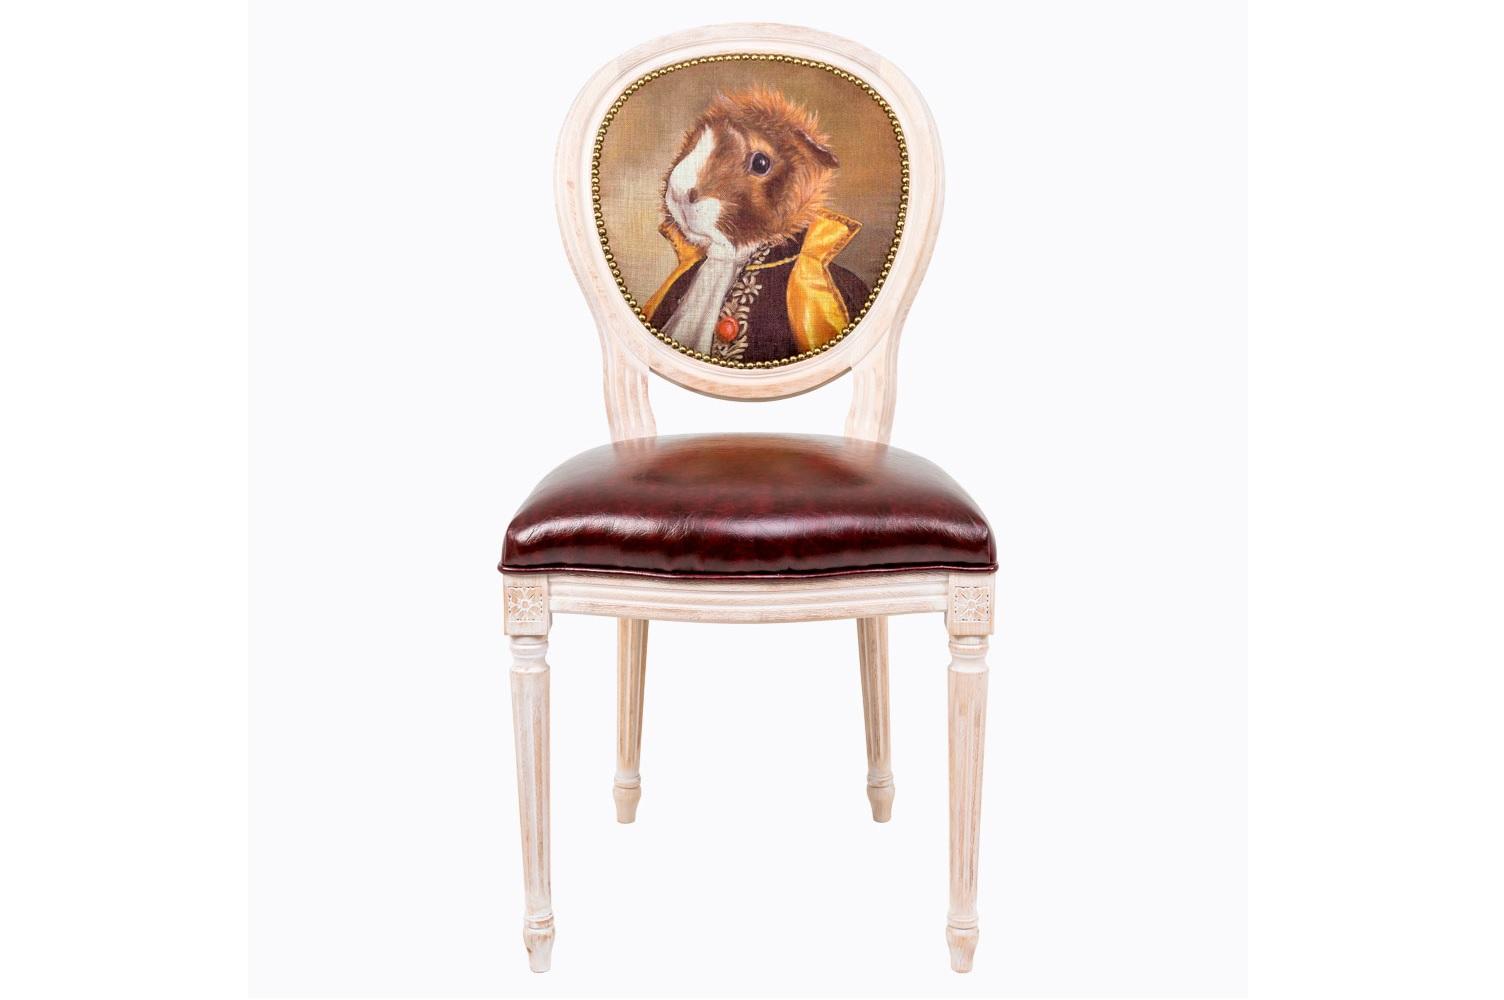 Стул Музейный экспонат, версия 19Обеденные стулья<br>Стулья серии &amp;quot;Музейный экспонат&amp;quot; имитируют дворцовую эпоху Луи-Филиппа, предпочитающую благородные лаконичные формы, раскрашенные золотистыми анкерами и филигранной резьбой. Натуральное дерево и ручная работа одухотворяют предметы мебели, вносят эмоции тепла и персональной заботы. Стулья изготовлены из ядра натурального бука. Корпусы стульев серии &amp;quot;Музейный экспонат&amp;quot; выточены, брашированы и патинированы в Италии. Благородная фактура натурального дерева подчеркнута рукописной патиной. Обивка спинки оснащена тефлоновым покрытием против пятен.&amp;lt;div&amp;gt;&amp;lt;br&amp;gt;&amp;lt;/div&amp;gt;&amp;lt;div&amp;gt;Материал сидения - экокожа.&amp;lt;/div&amp;gt;<br><br>Material: Дерево<br>Width см: 50<br>Depth см: 47<br>Height см: 98